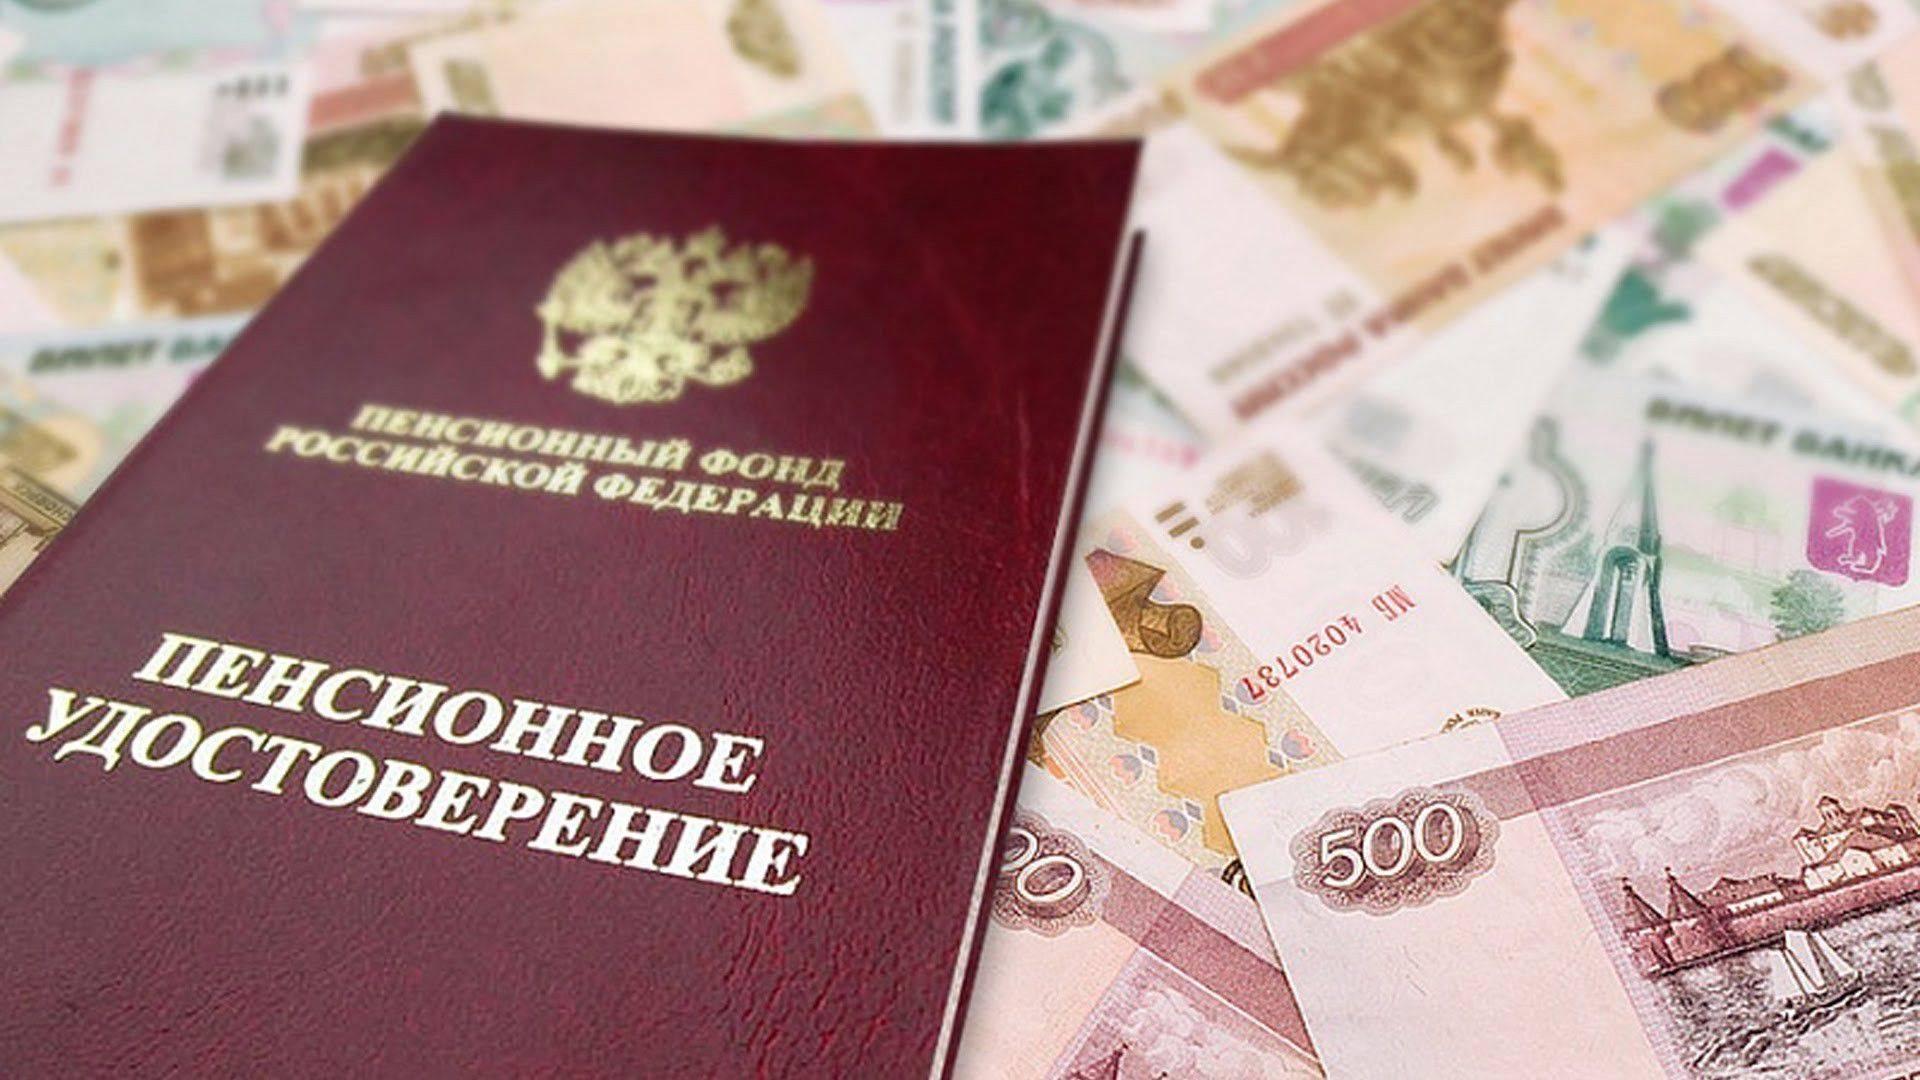 Юристы по пенсионным вопросам в санкт петербурге